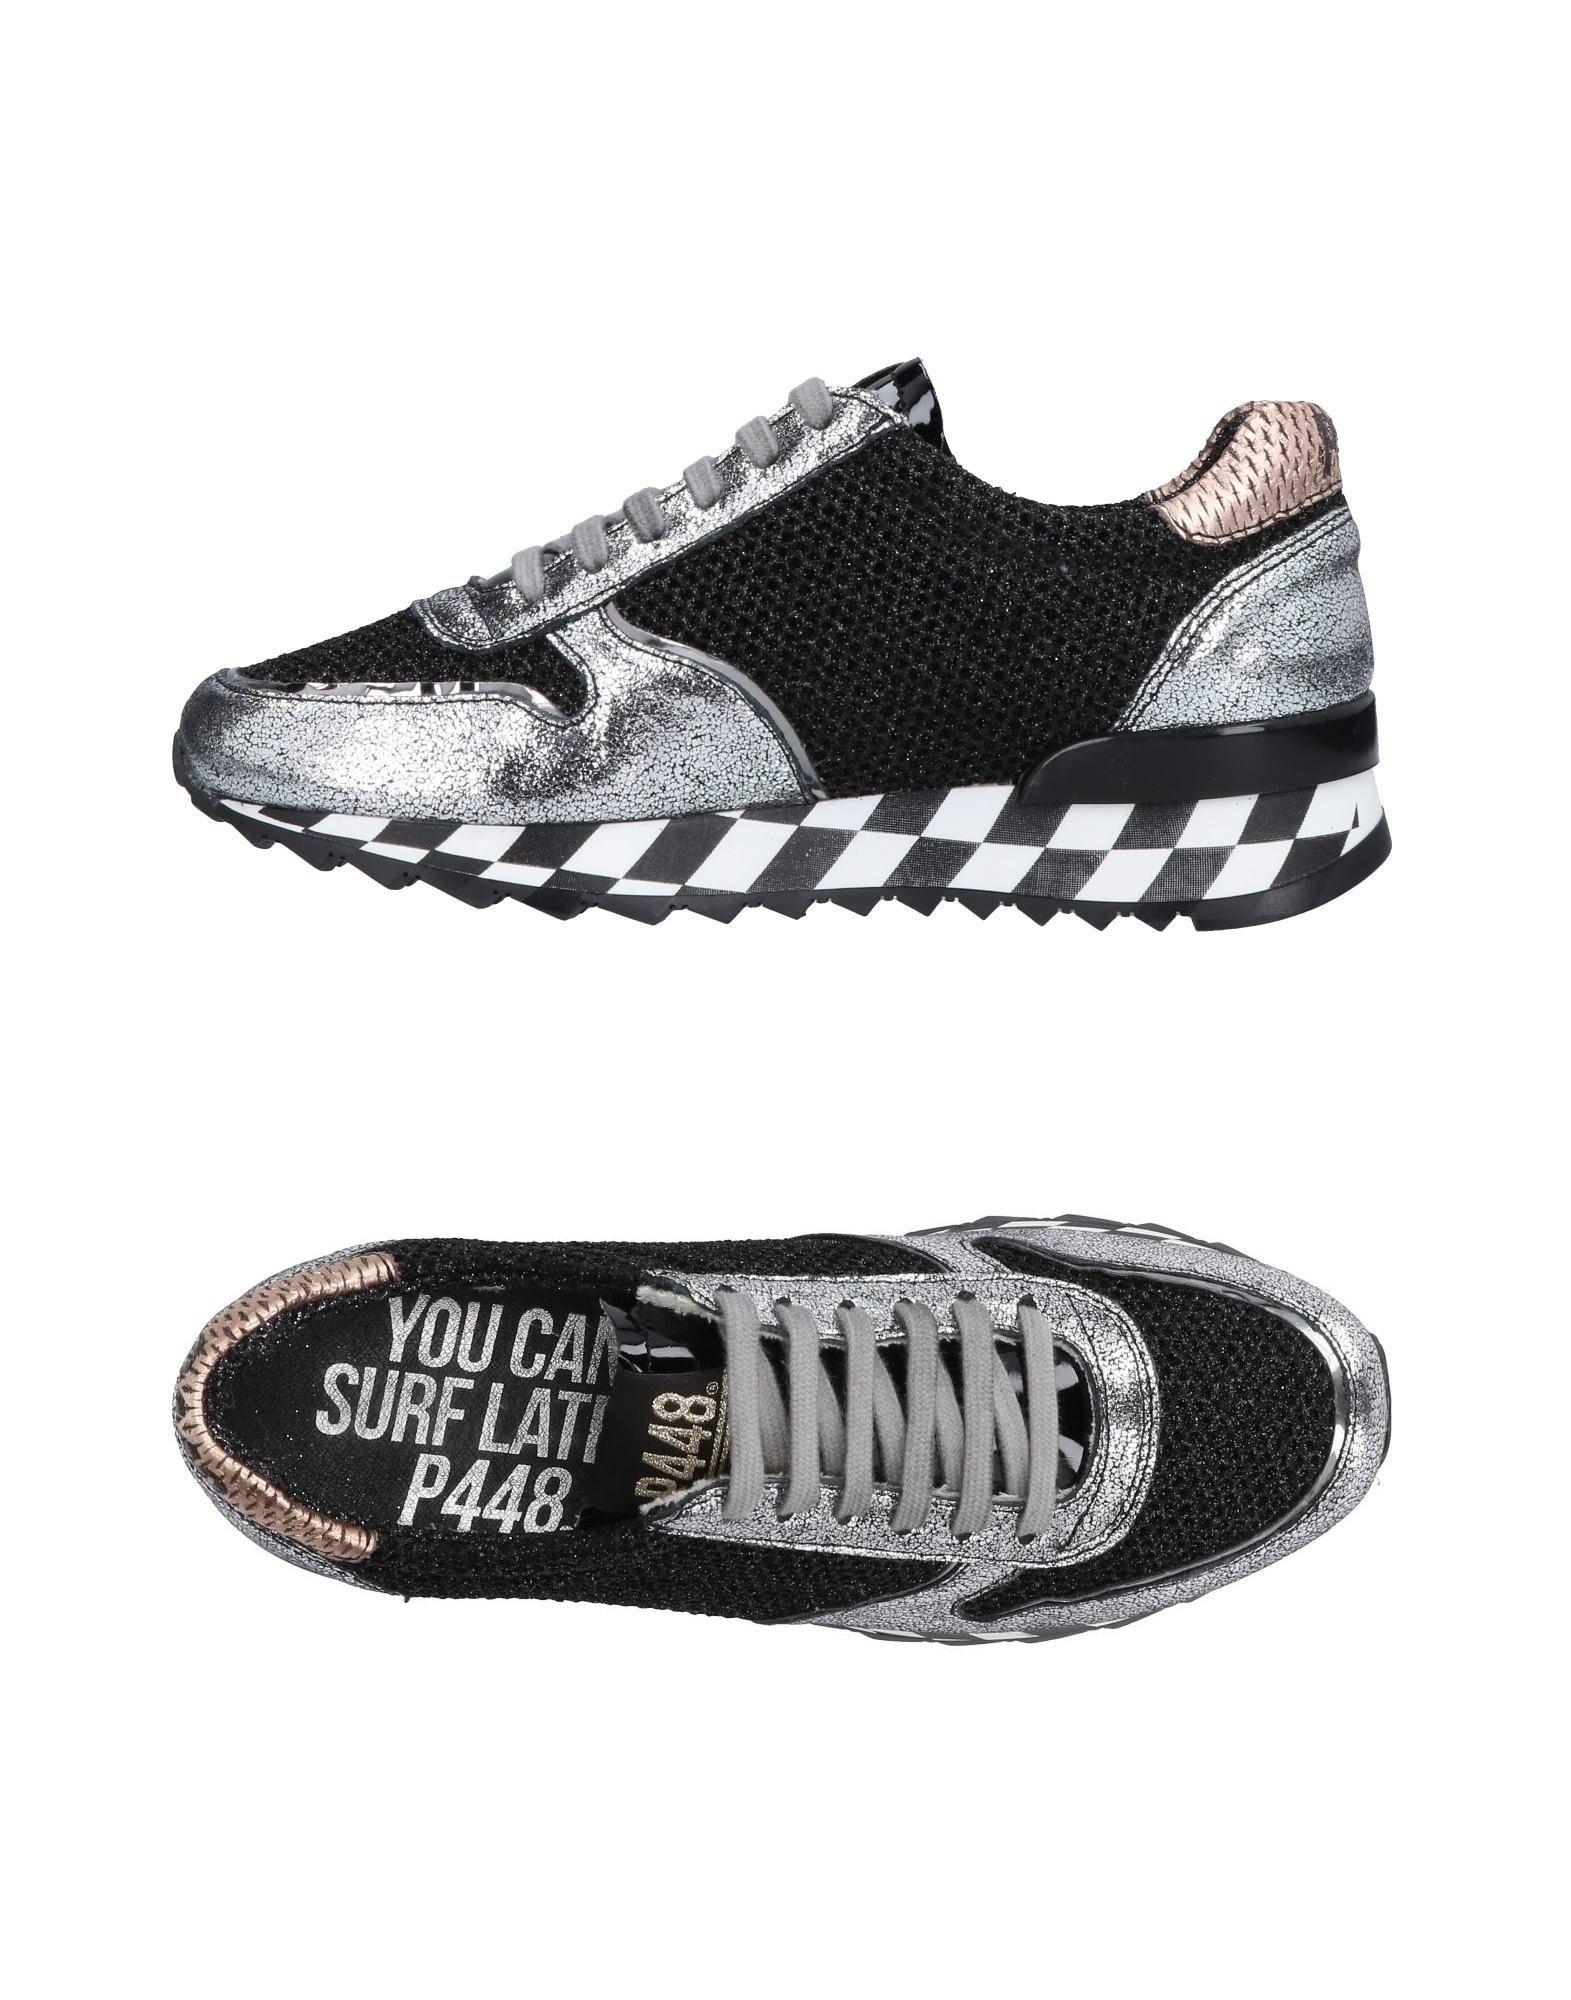 Moda Sneakers P448 Donna - 11494827IB